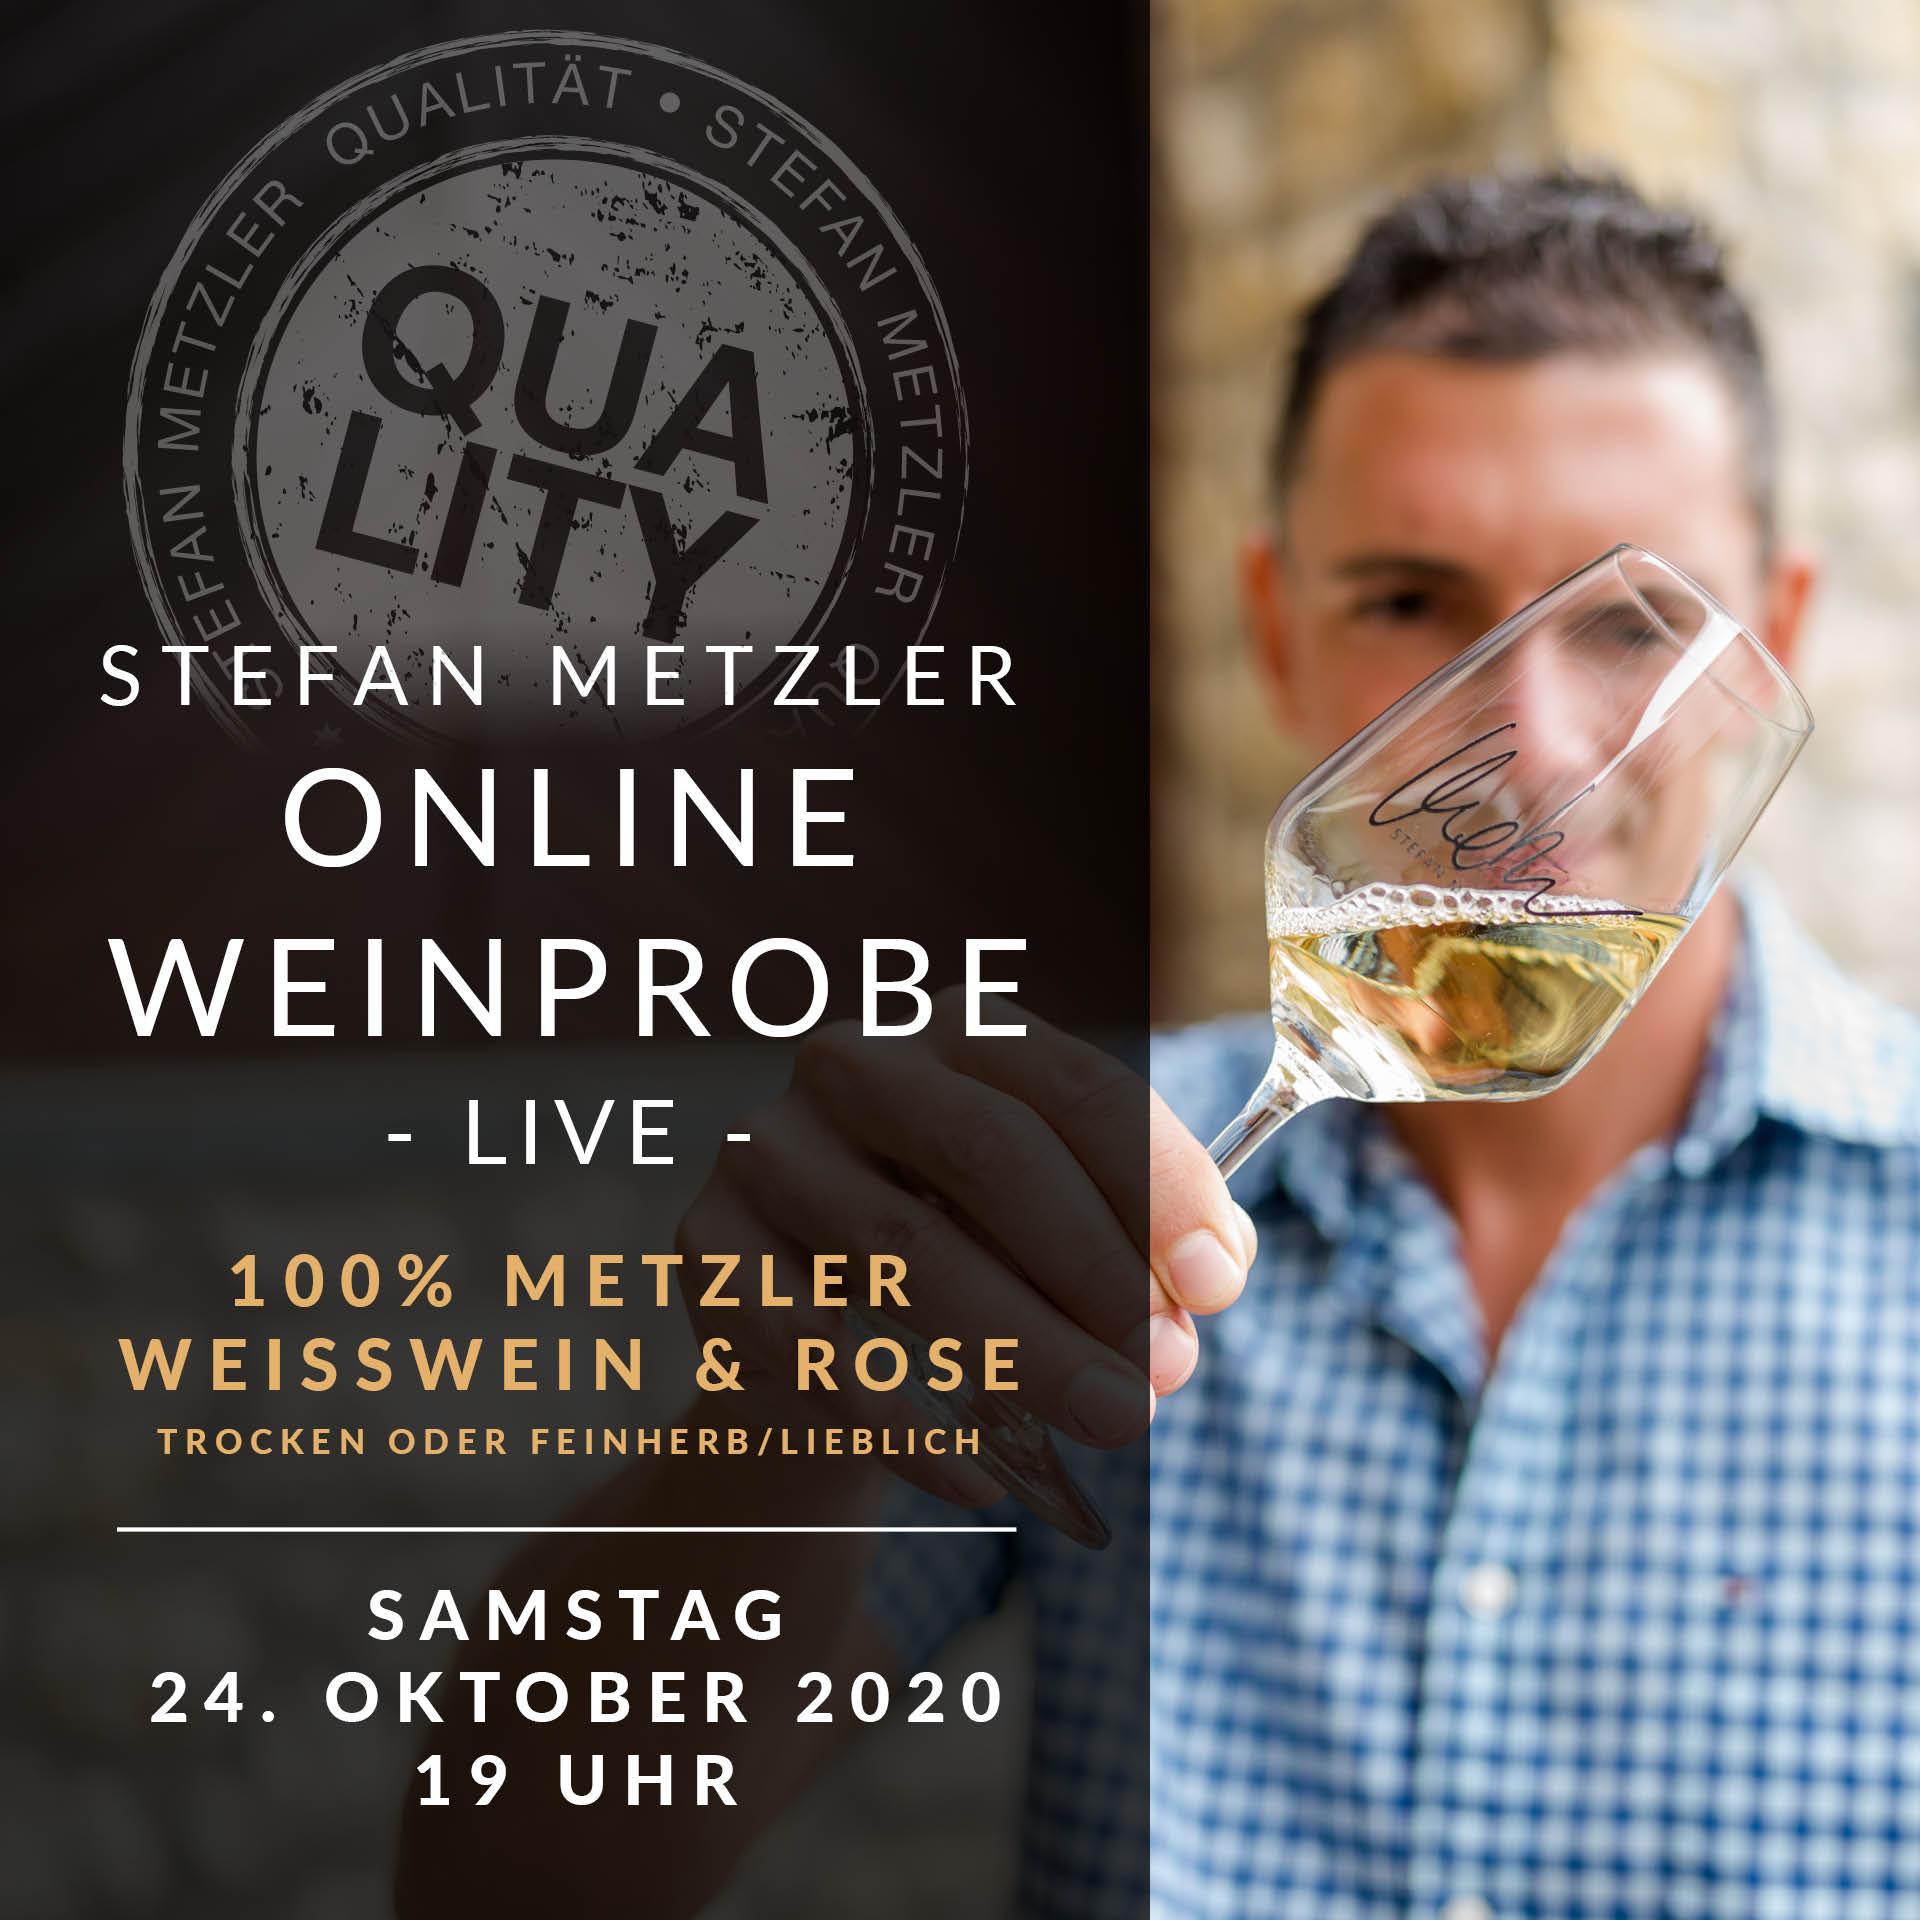 Onlineprobe 24.10.2020: Weisswein & Rosewein